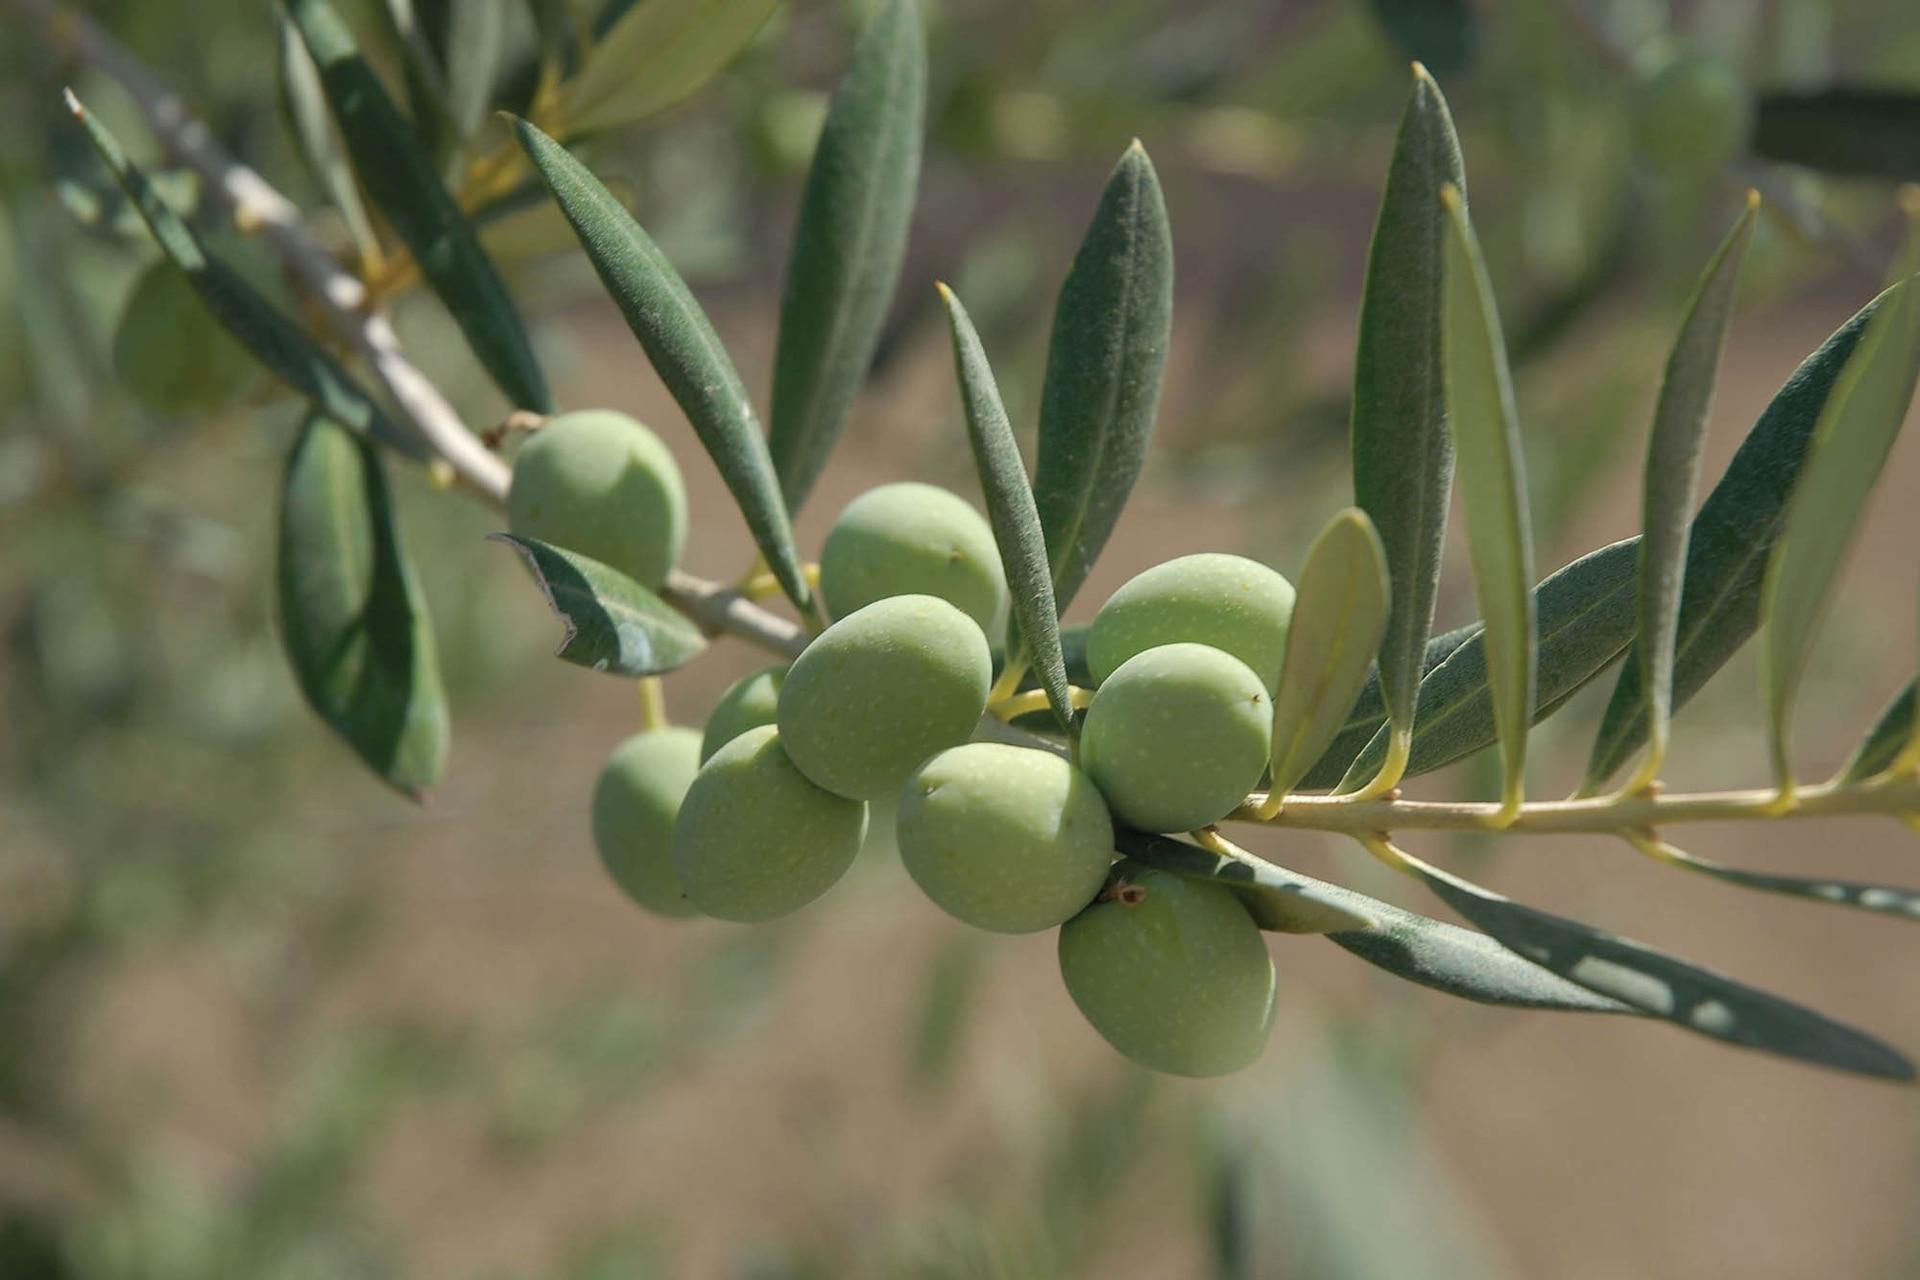 El mítico olivo (Olea europaea) en plena fructificación.